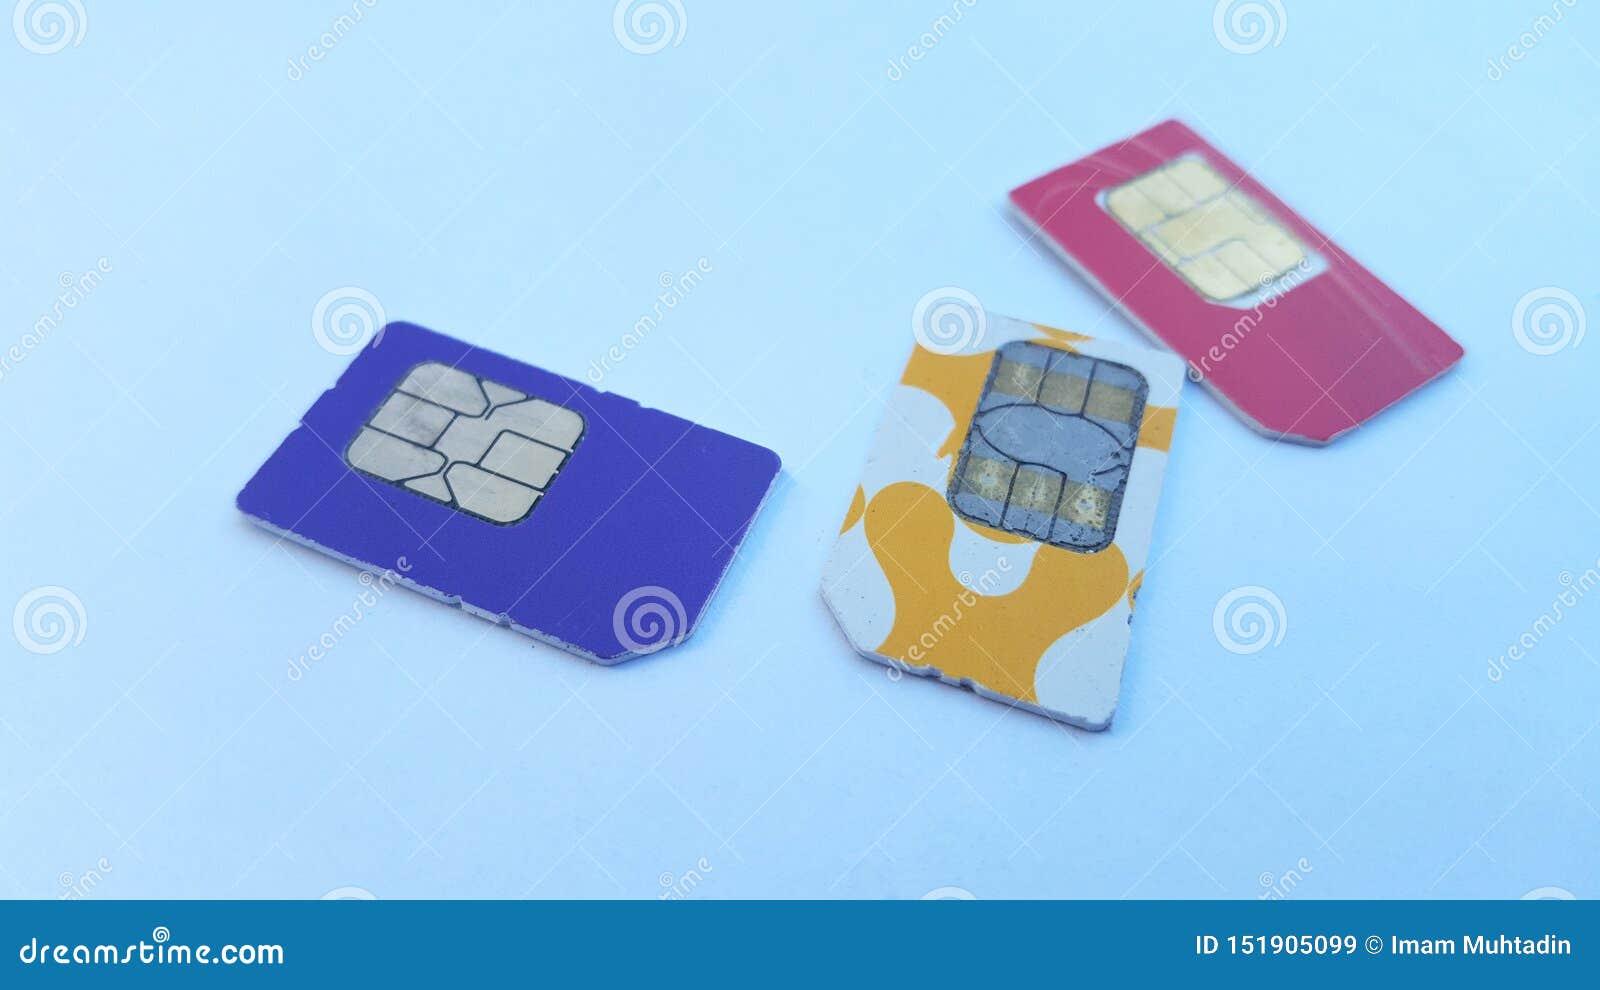 Mobiele telefoon sim kaart, één van de technologieën op het gebied van mededeling